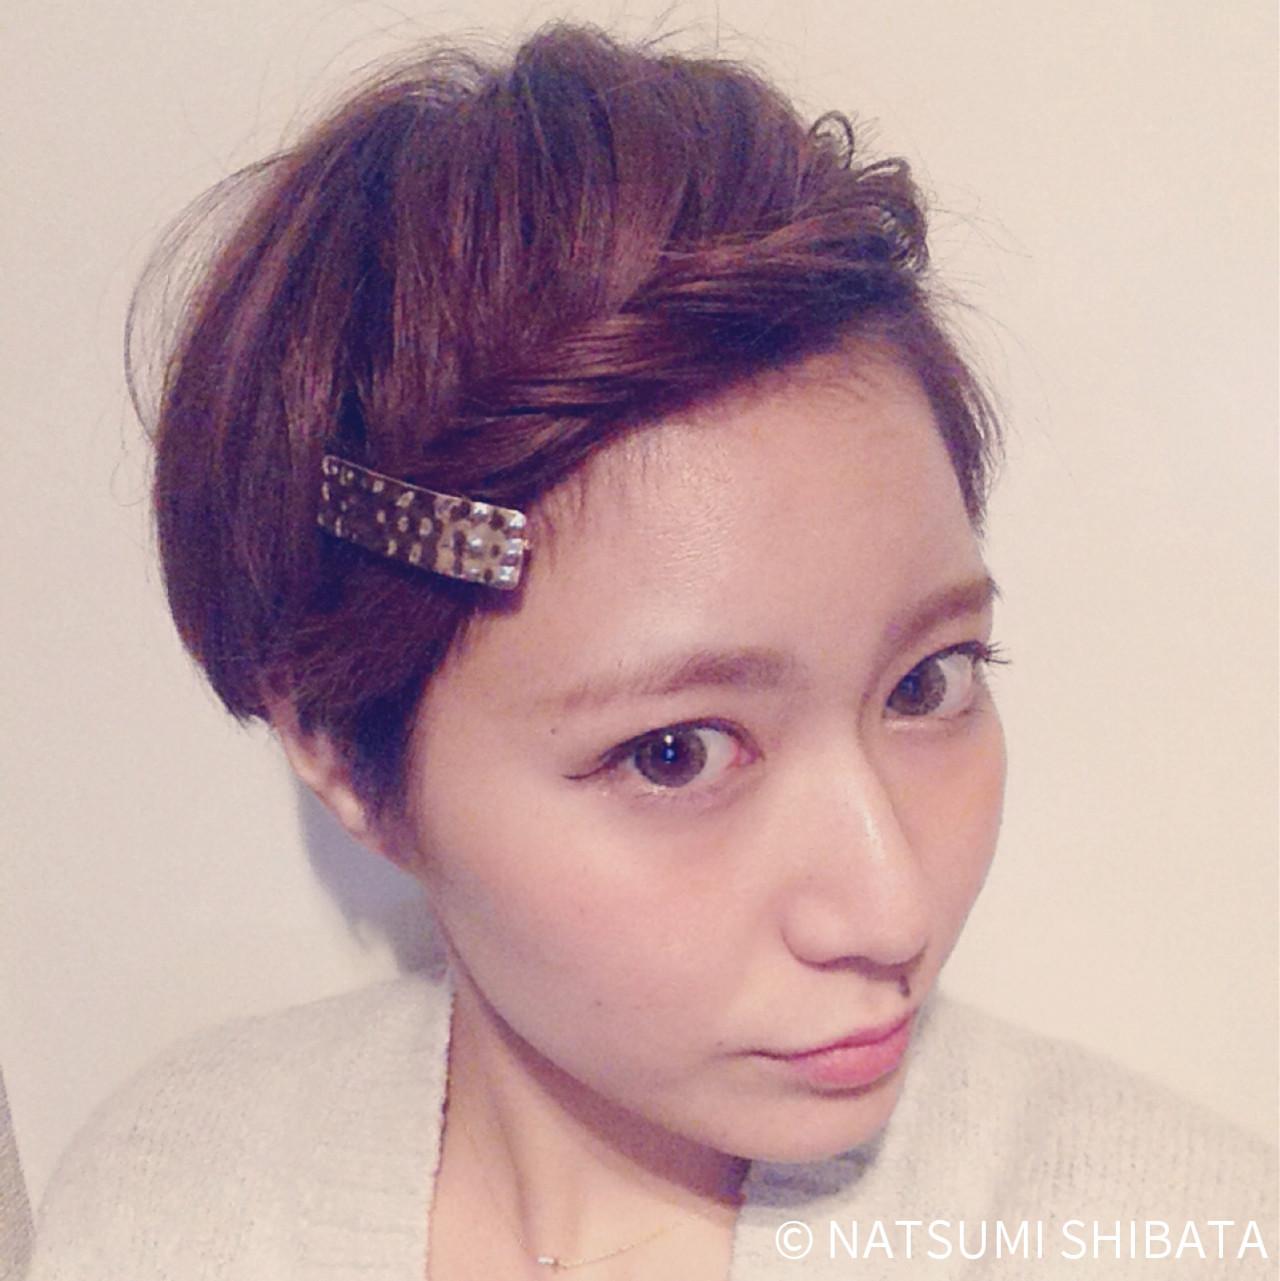 ねじって留めるだけ!簡単前髪アレンジ NATSUMI SHIBATA  ALBUM